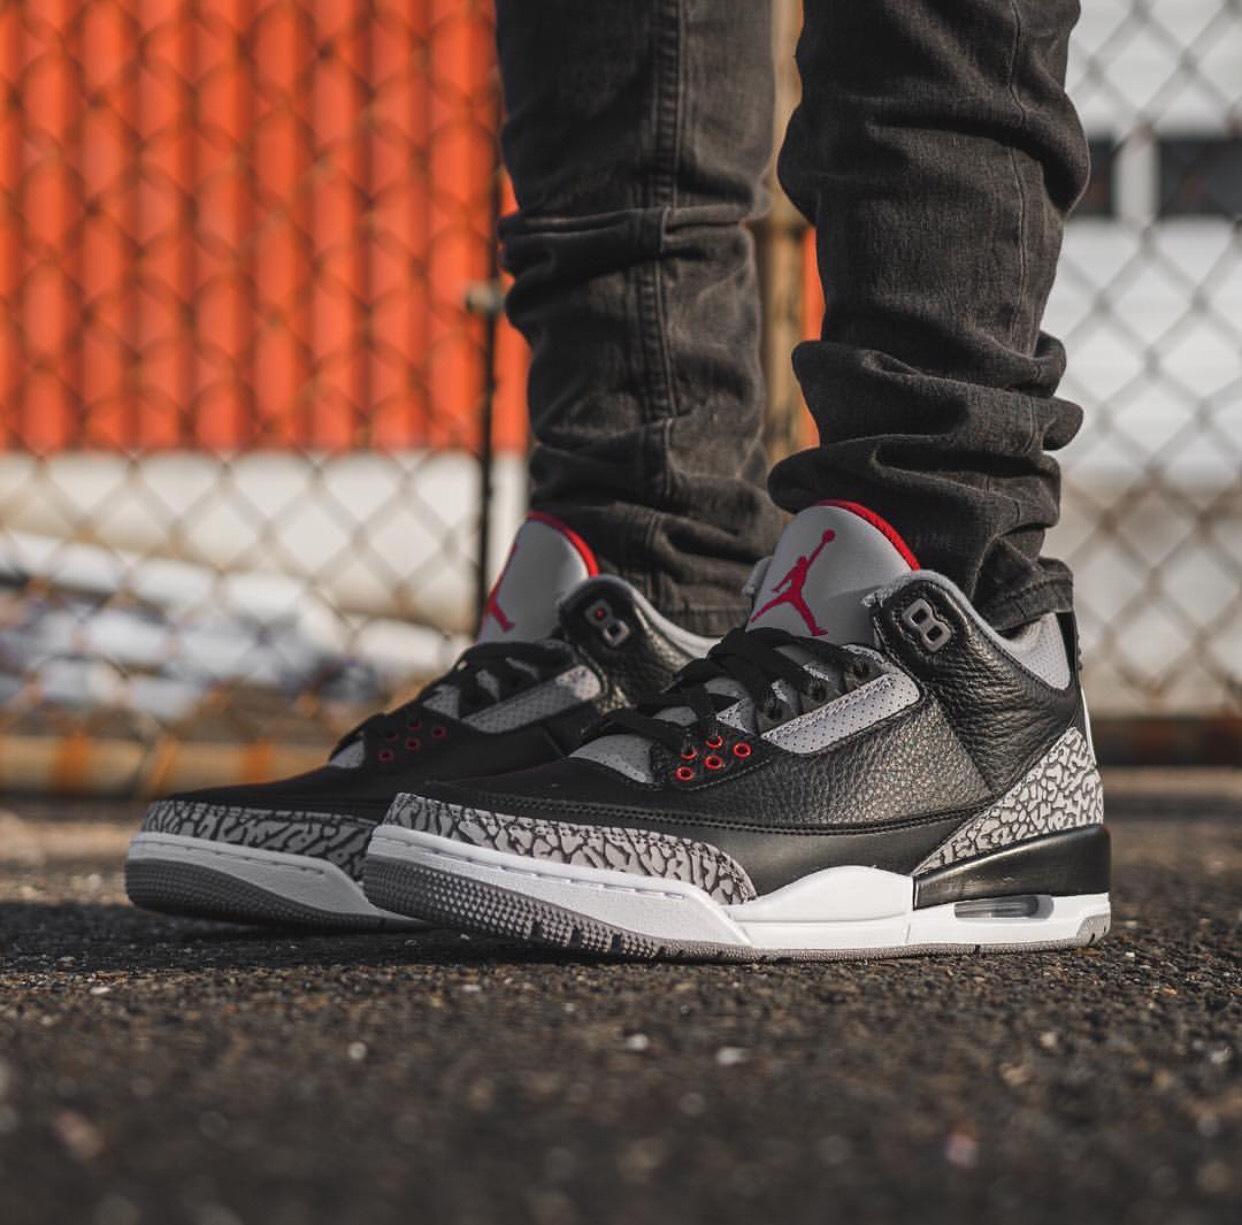 Here's How The Air Jordan 3 Retro OG Black Cement Looks On ...